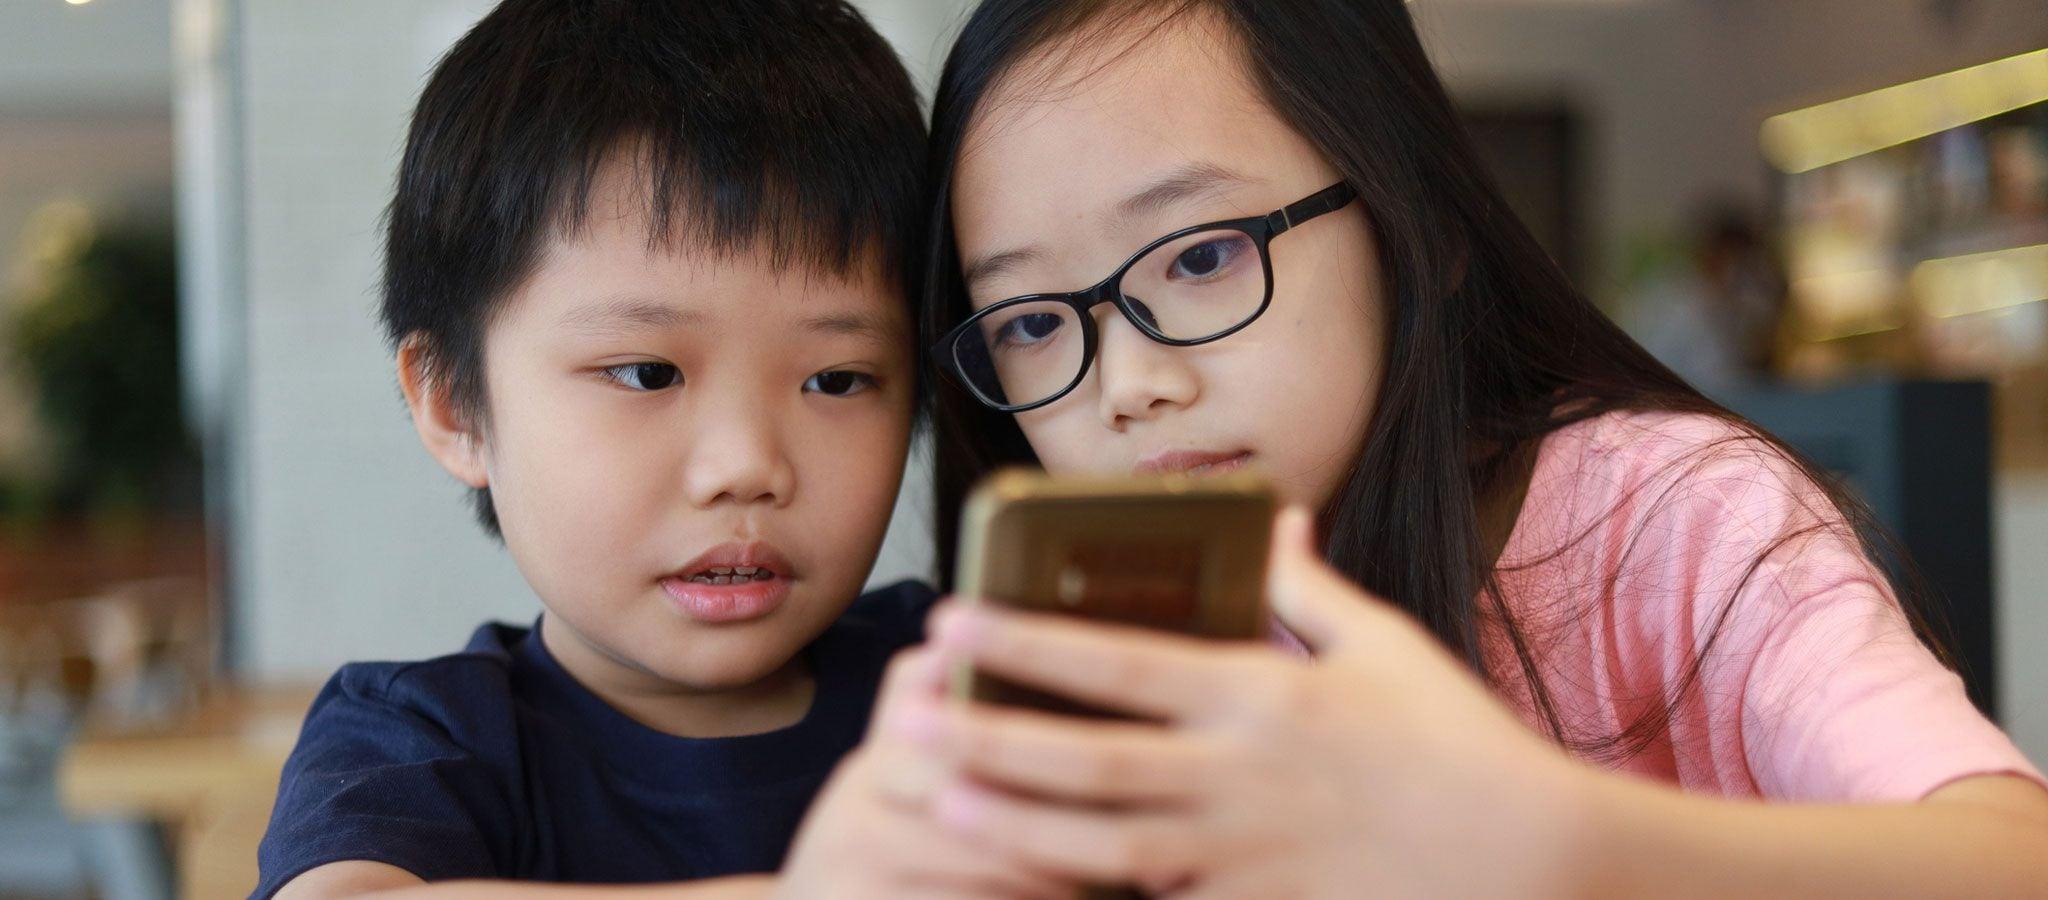 子どもに「スマホは悪」と考える大人の短絡的視点